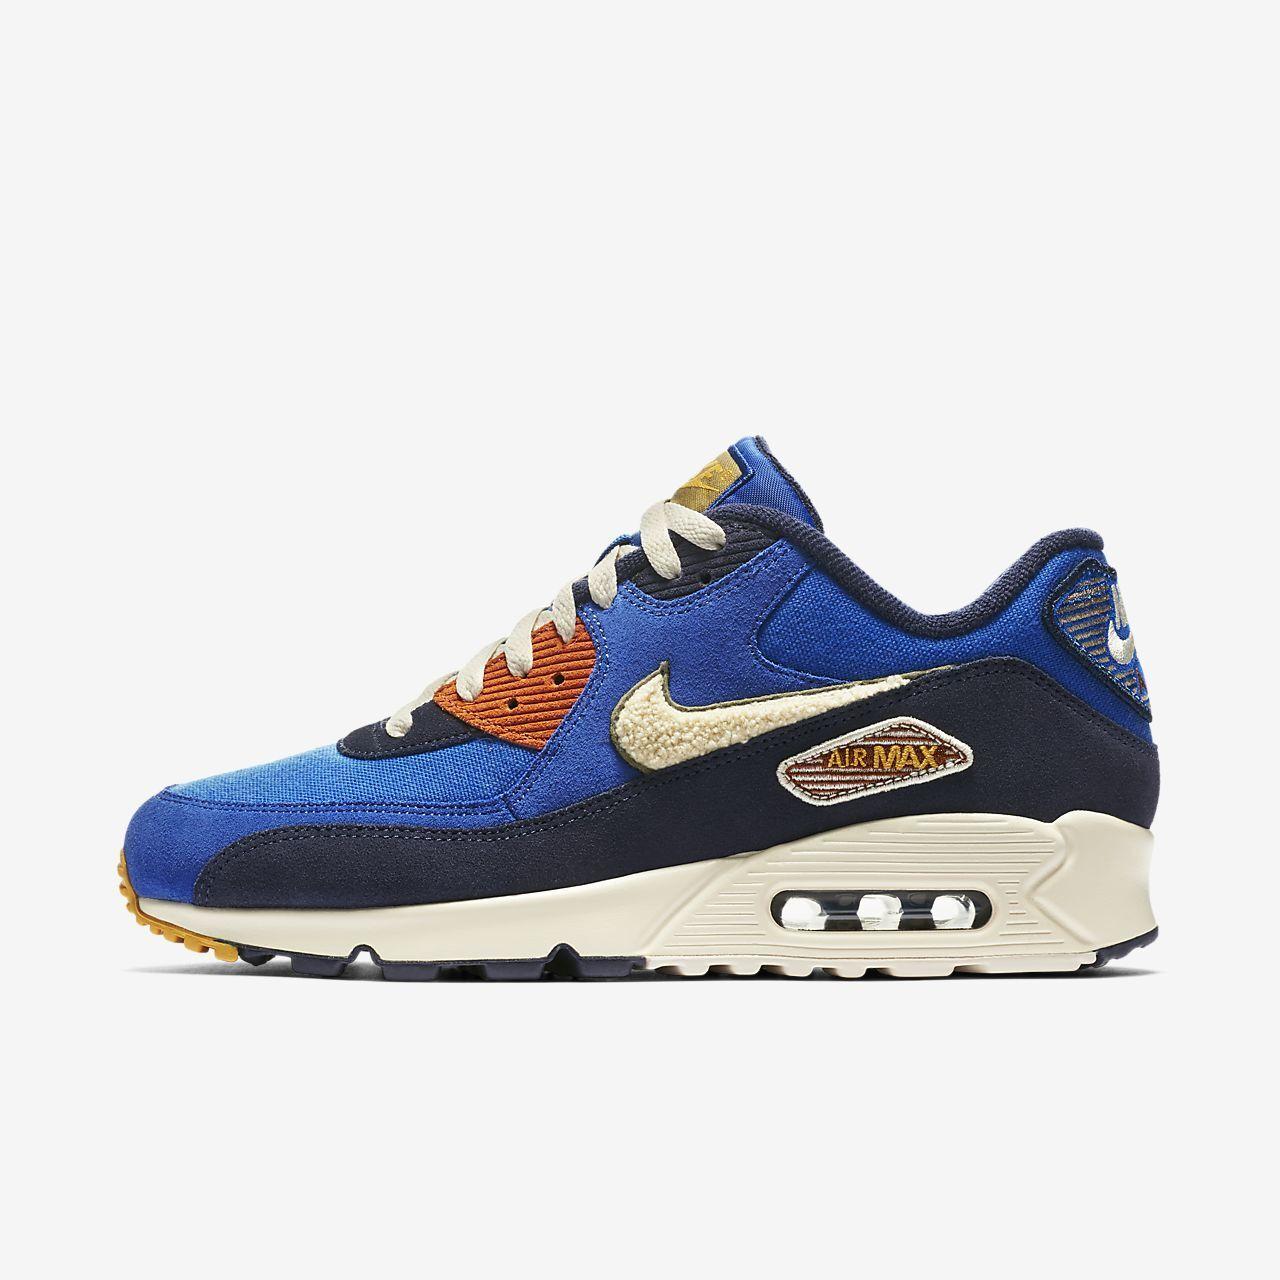 Nike Air Max 90 Premium SE Jeu Chenille Swoosh Jeu Bleu Royal Vert 858954 400